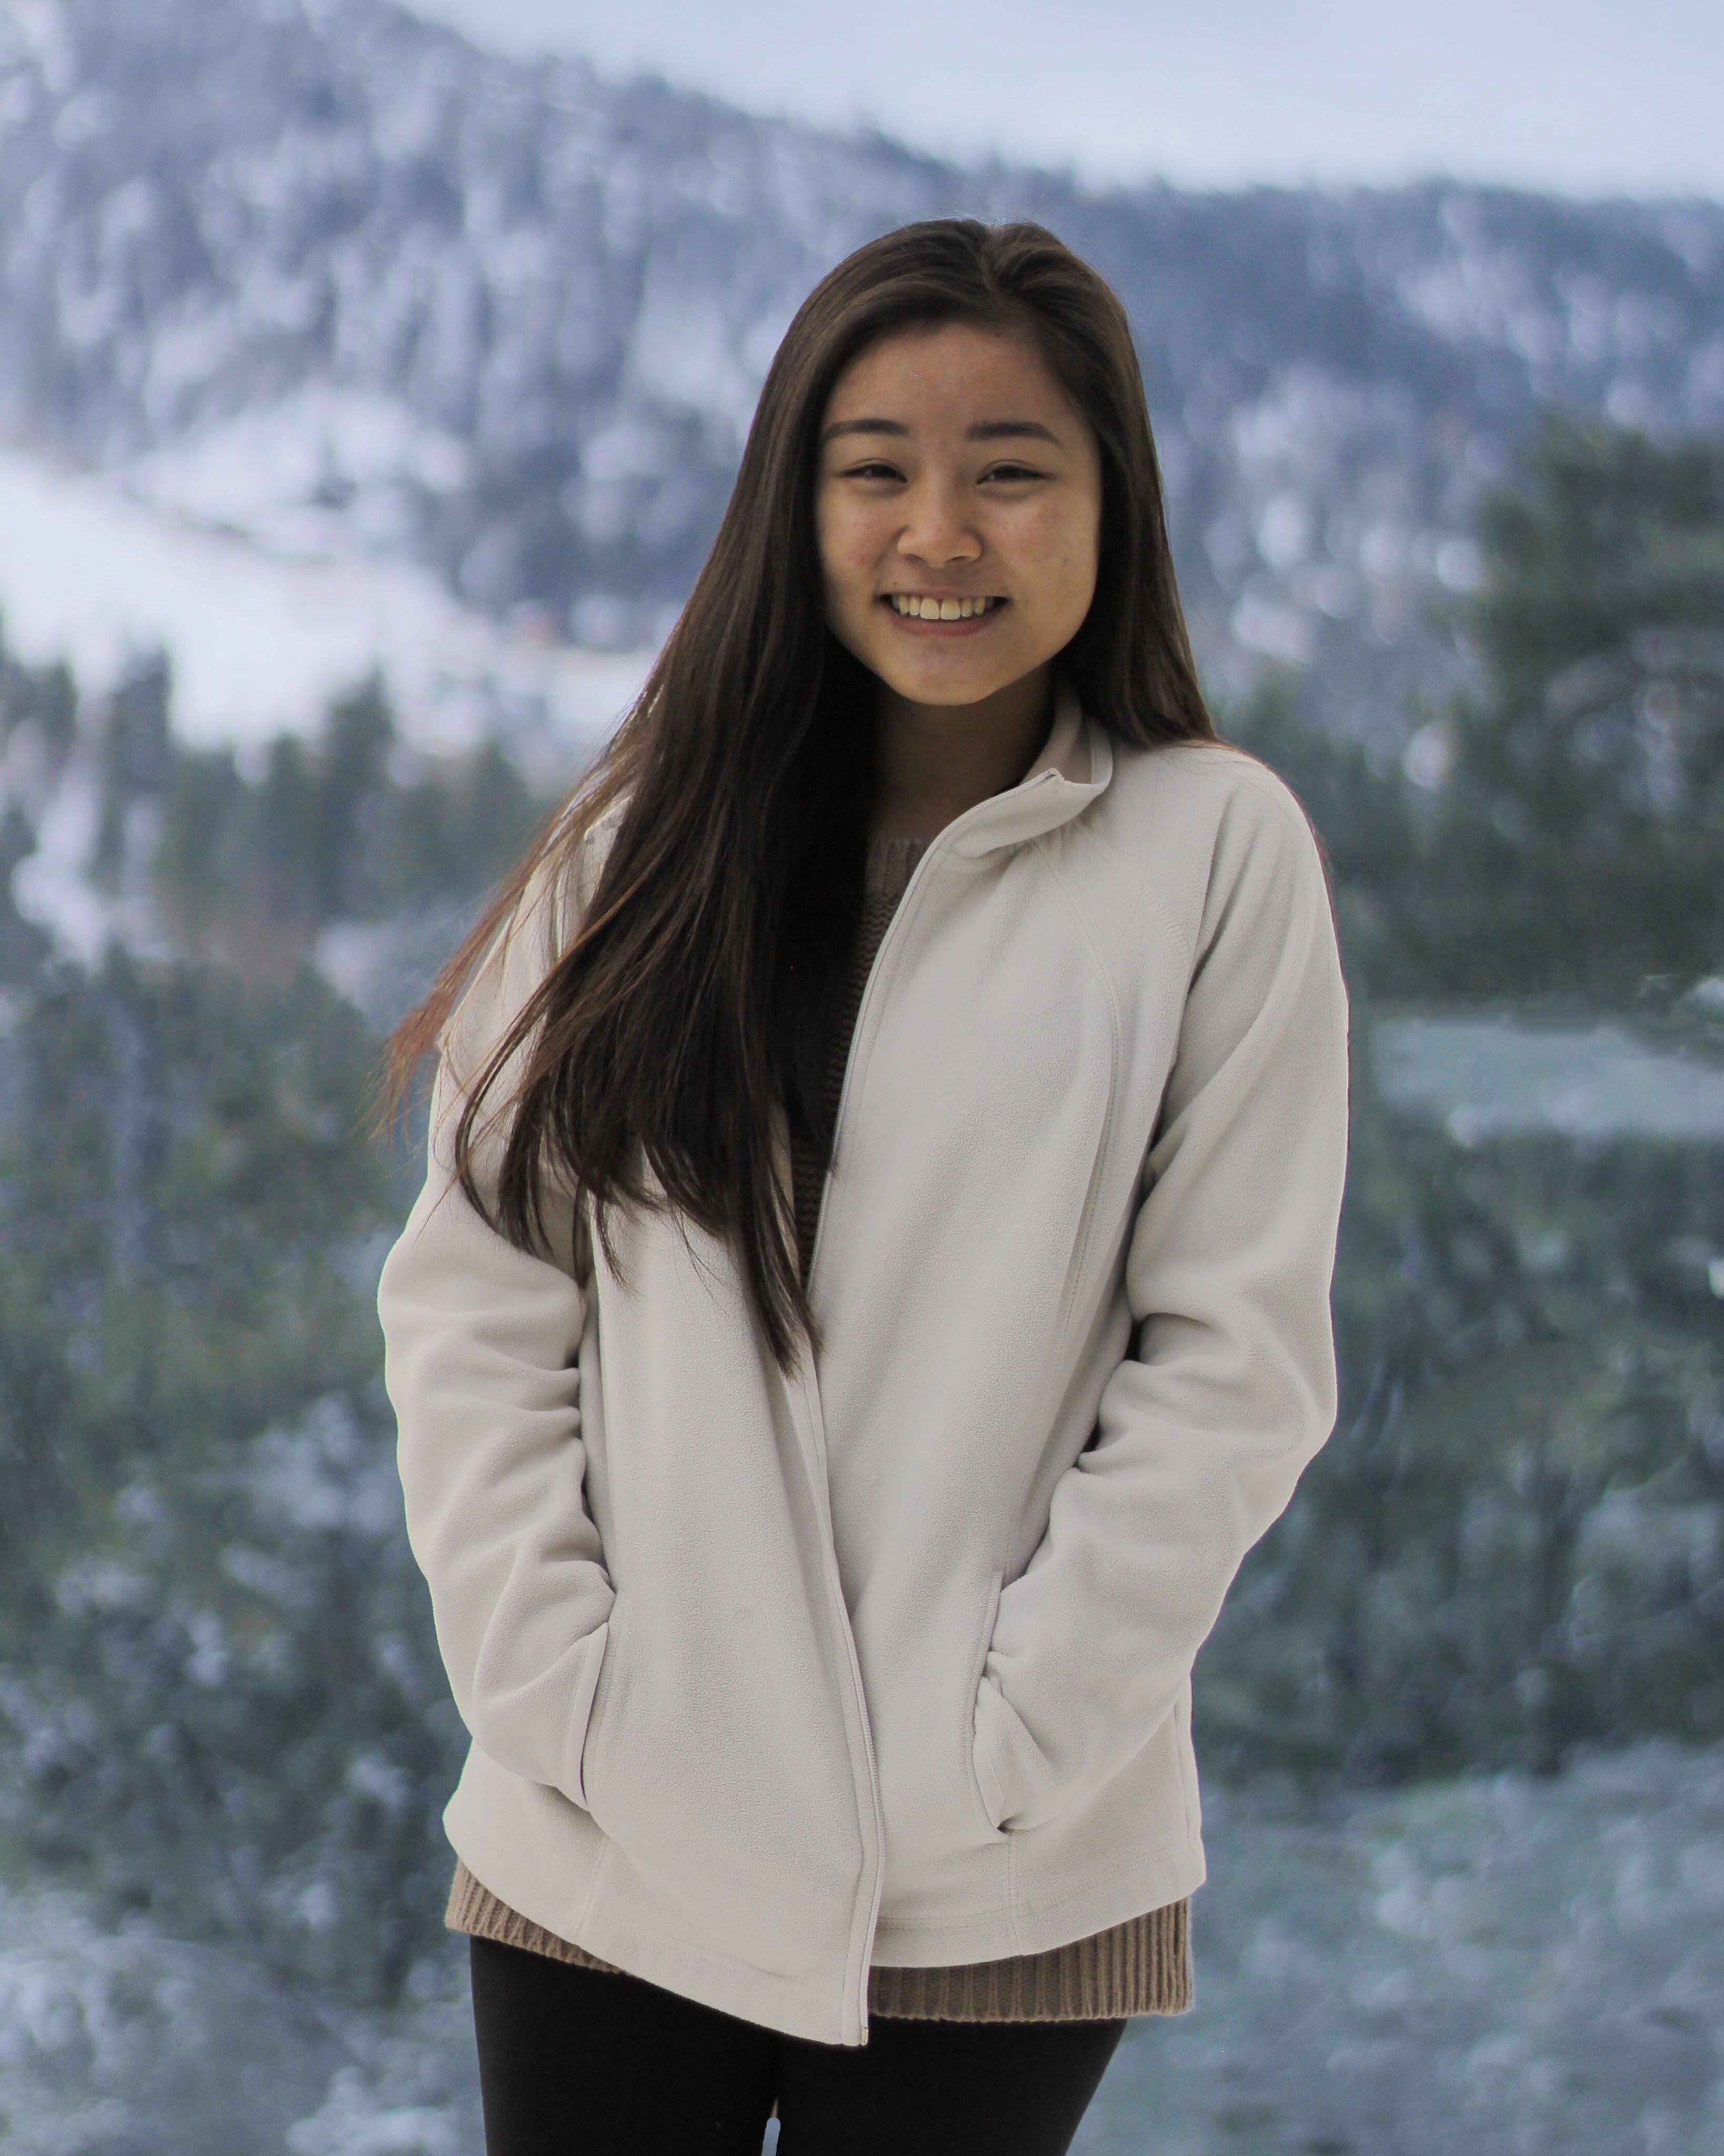 Gratis lagerfoto af bjerg, forkølelse, portræt, skov